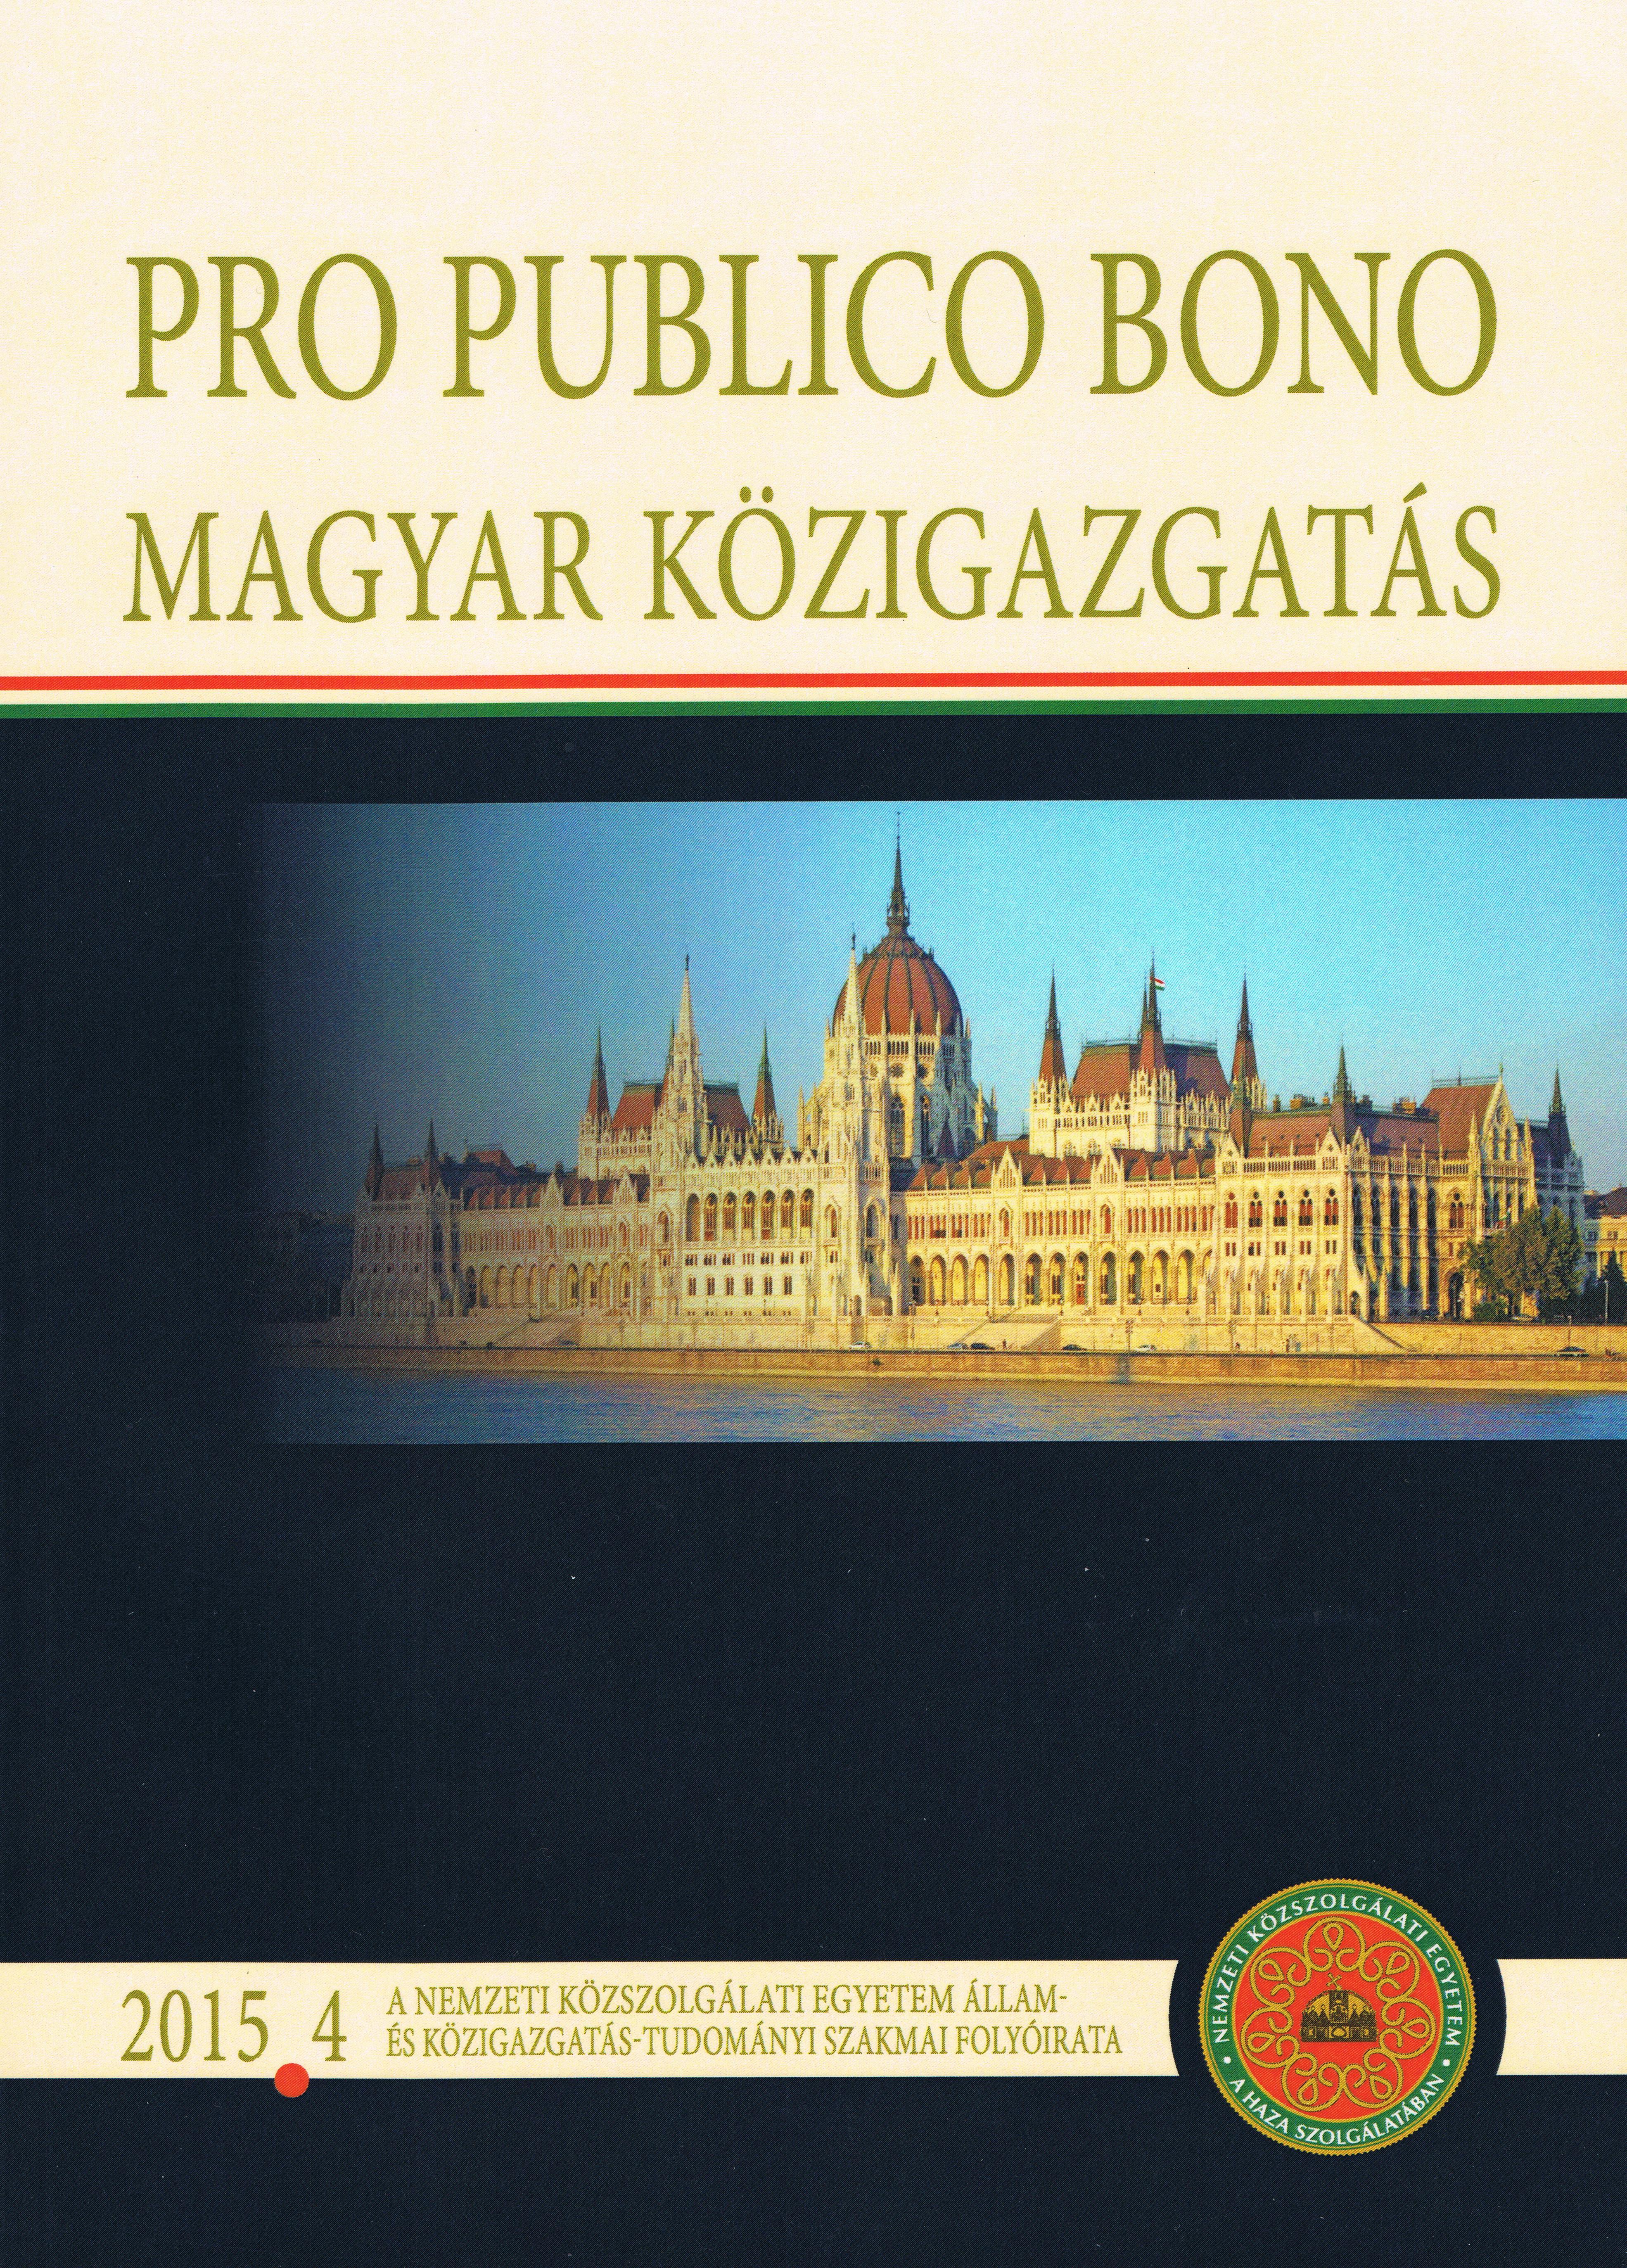 UFP-UV publicação húngara